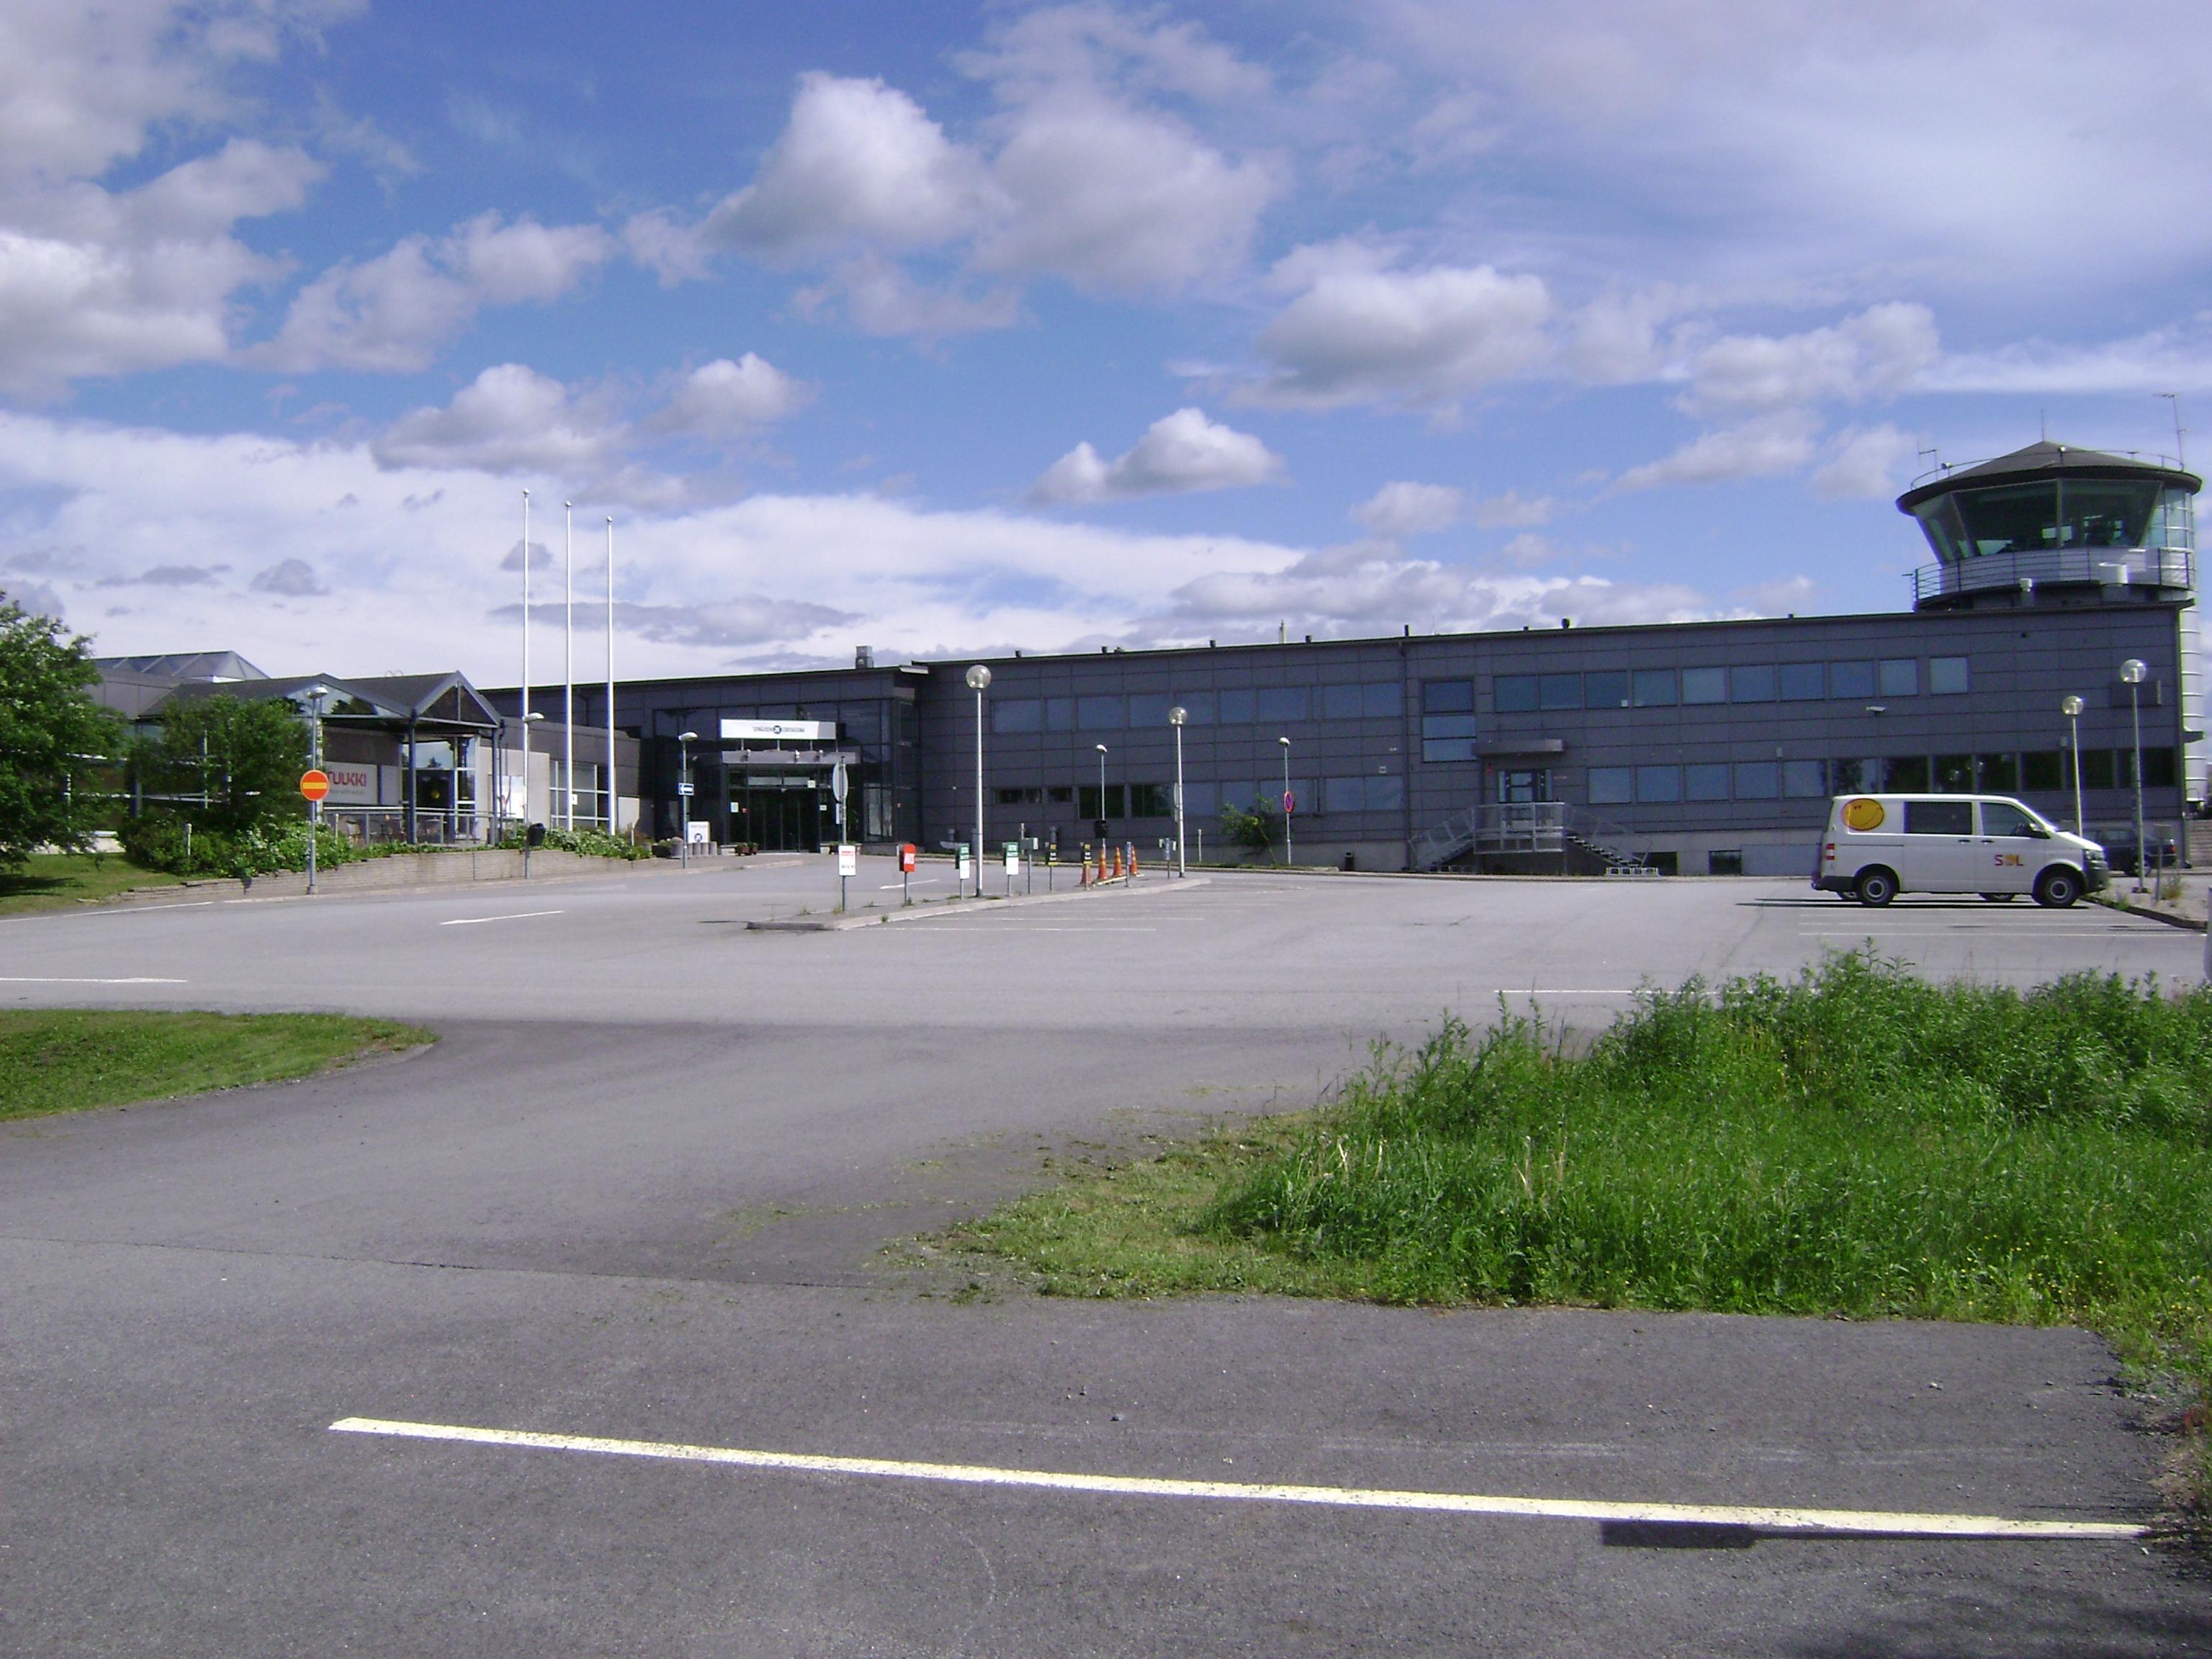 塞伊奈约基机场